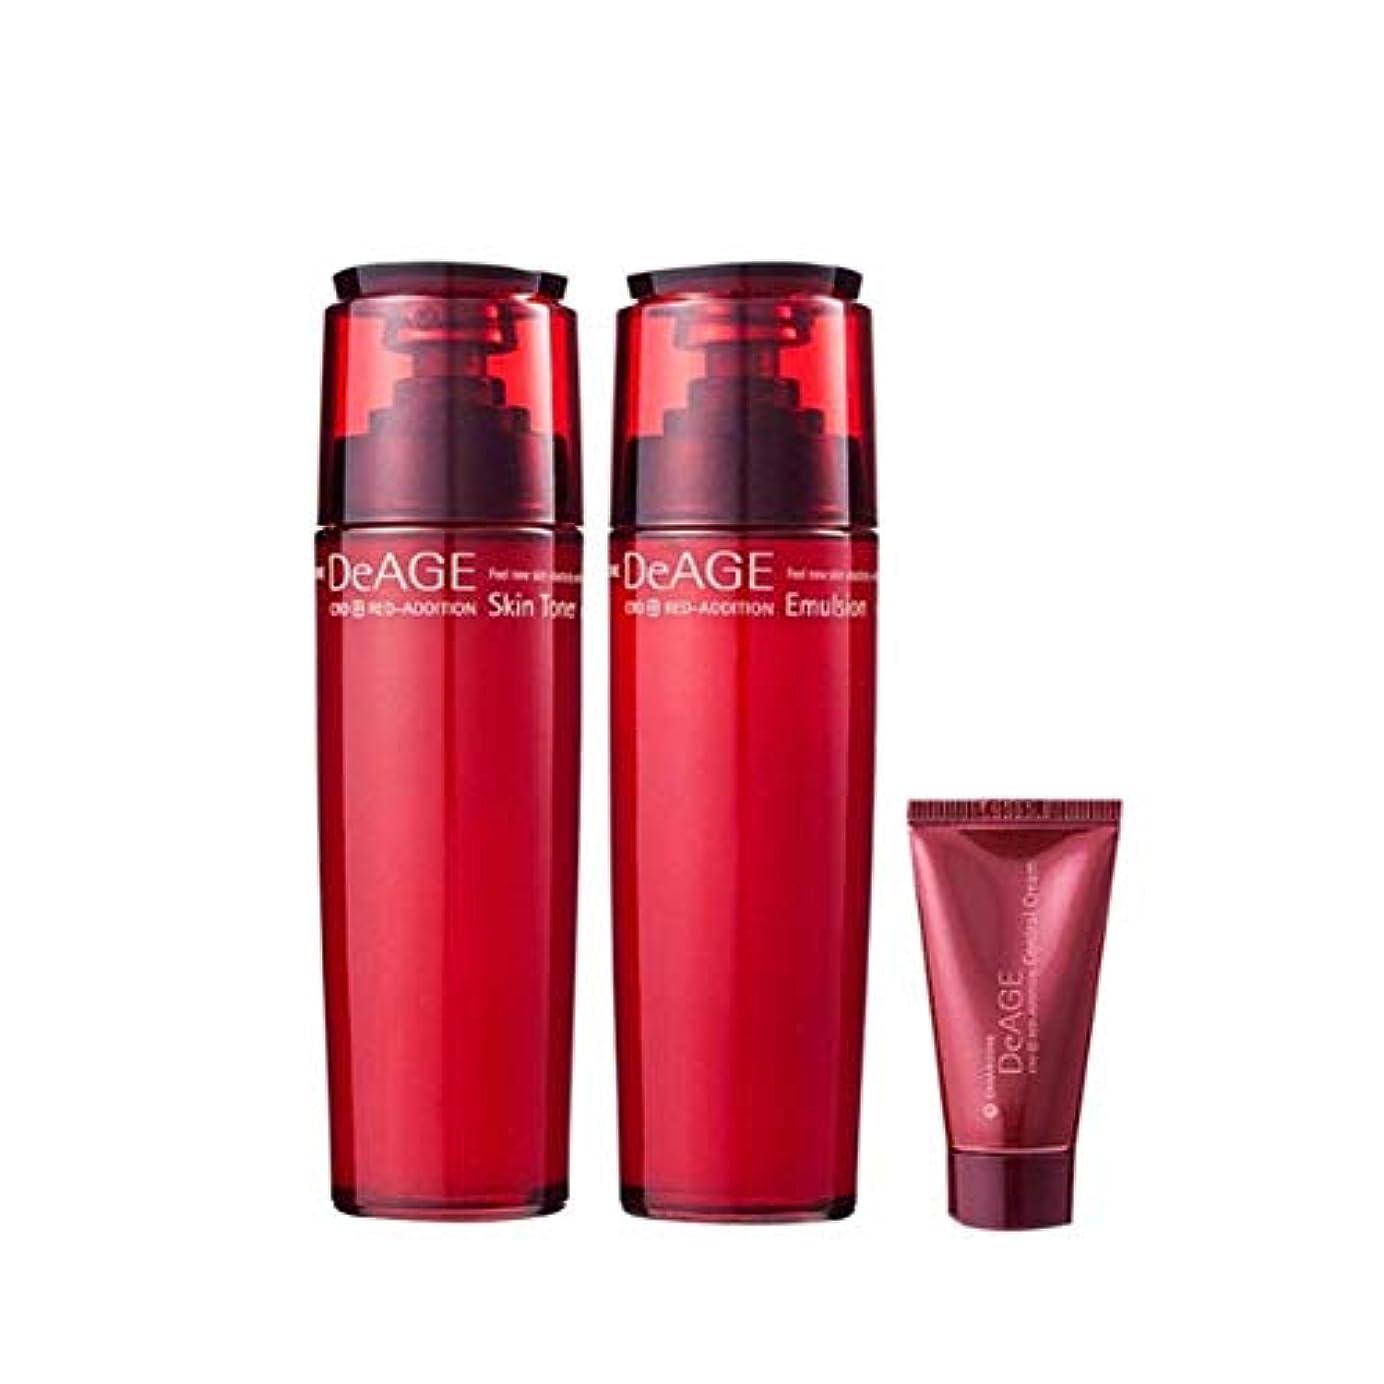 包括的牽引信頼できるチャムジョンディエイジレッドエディションセット(スキントナー130ml、エマルジョン130ml、コントロールクリーム15ml)、Charmzone DeAGE Red Addition Set(Skin Toner 130ml...